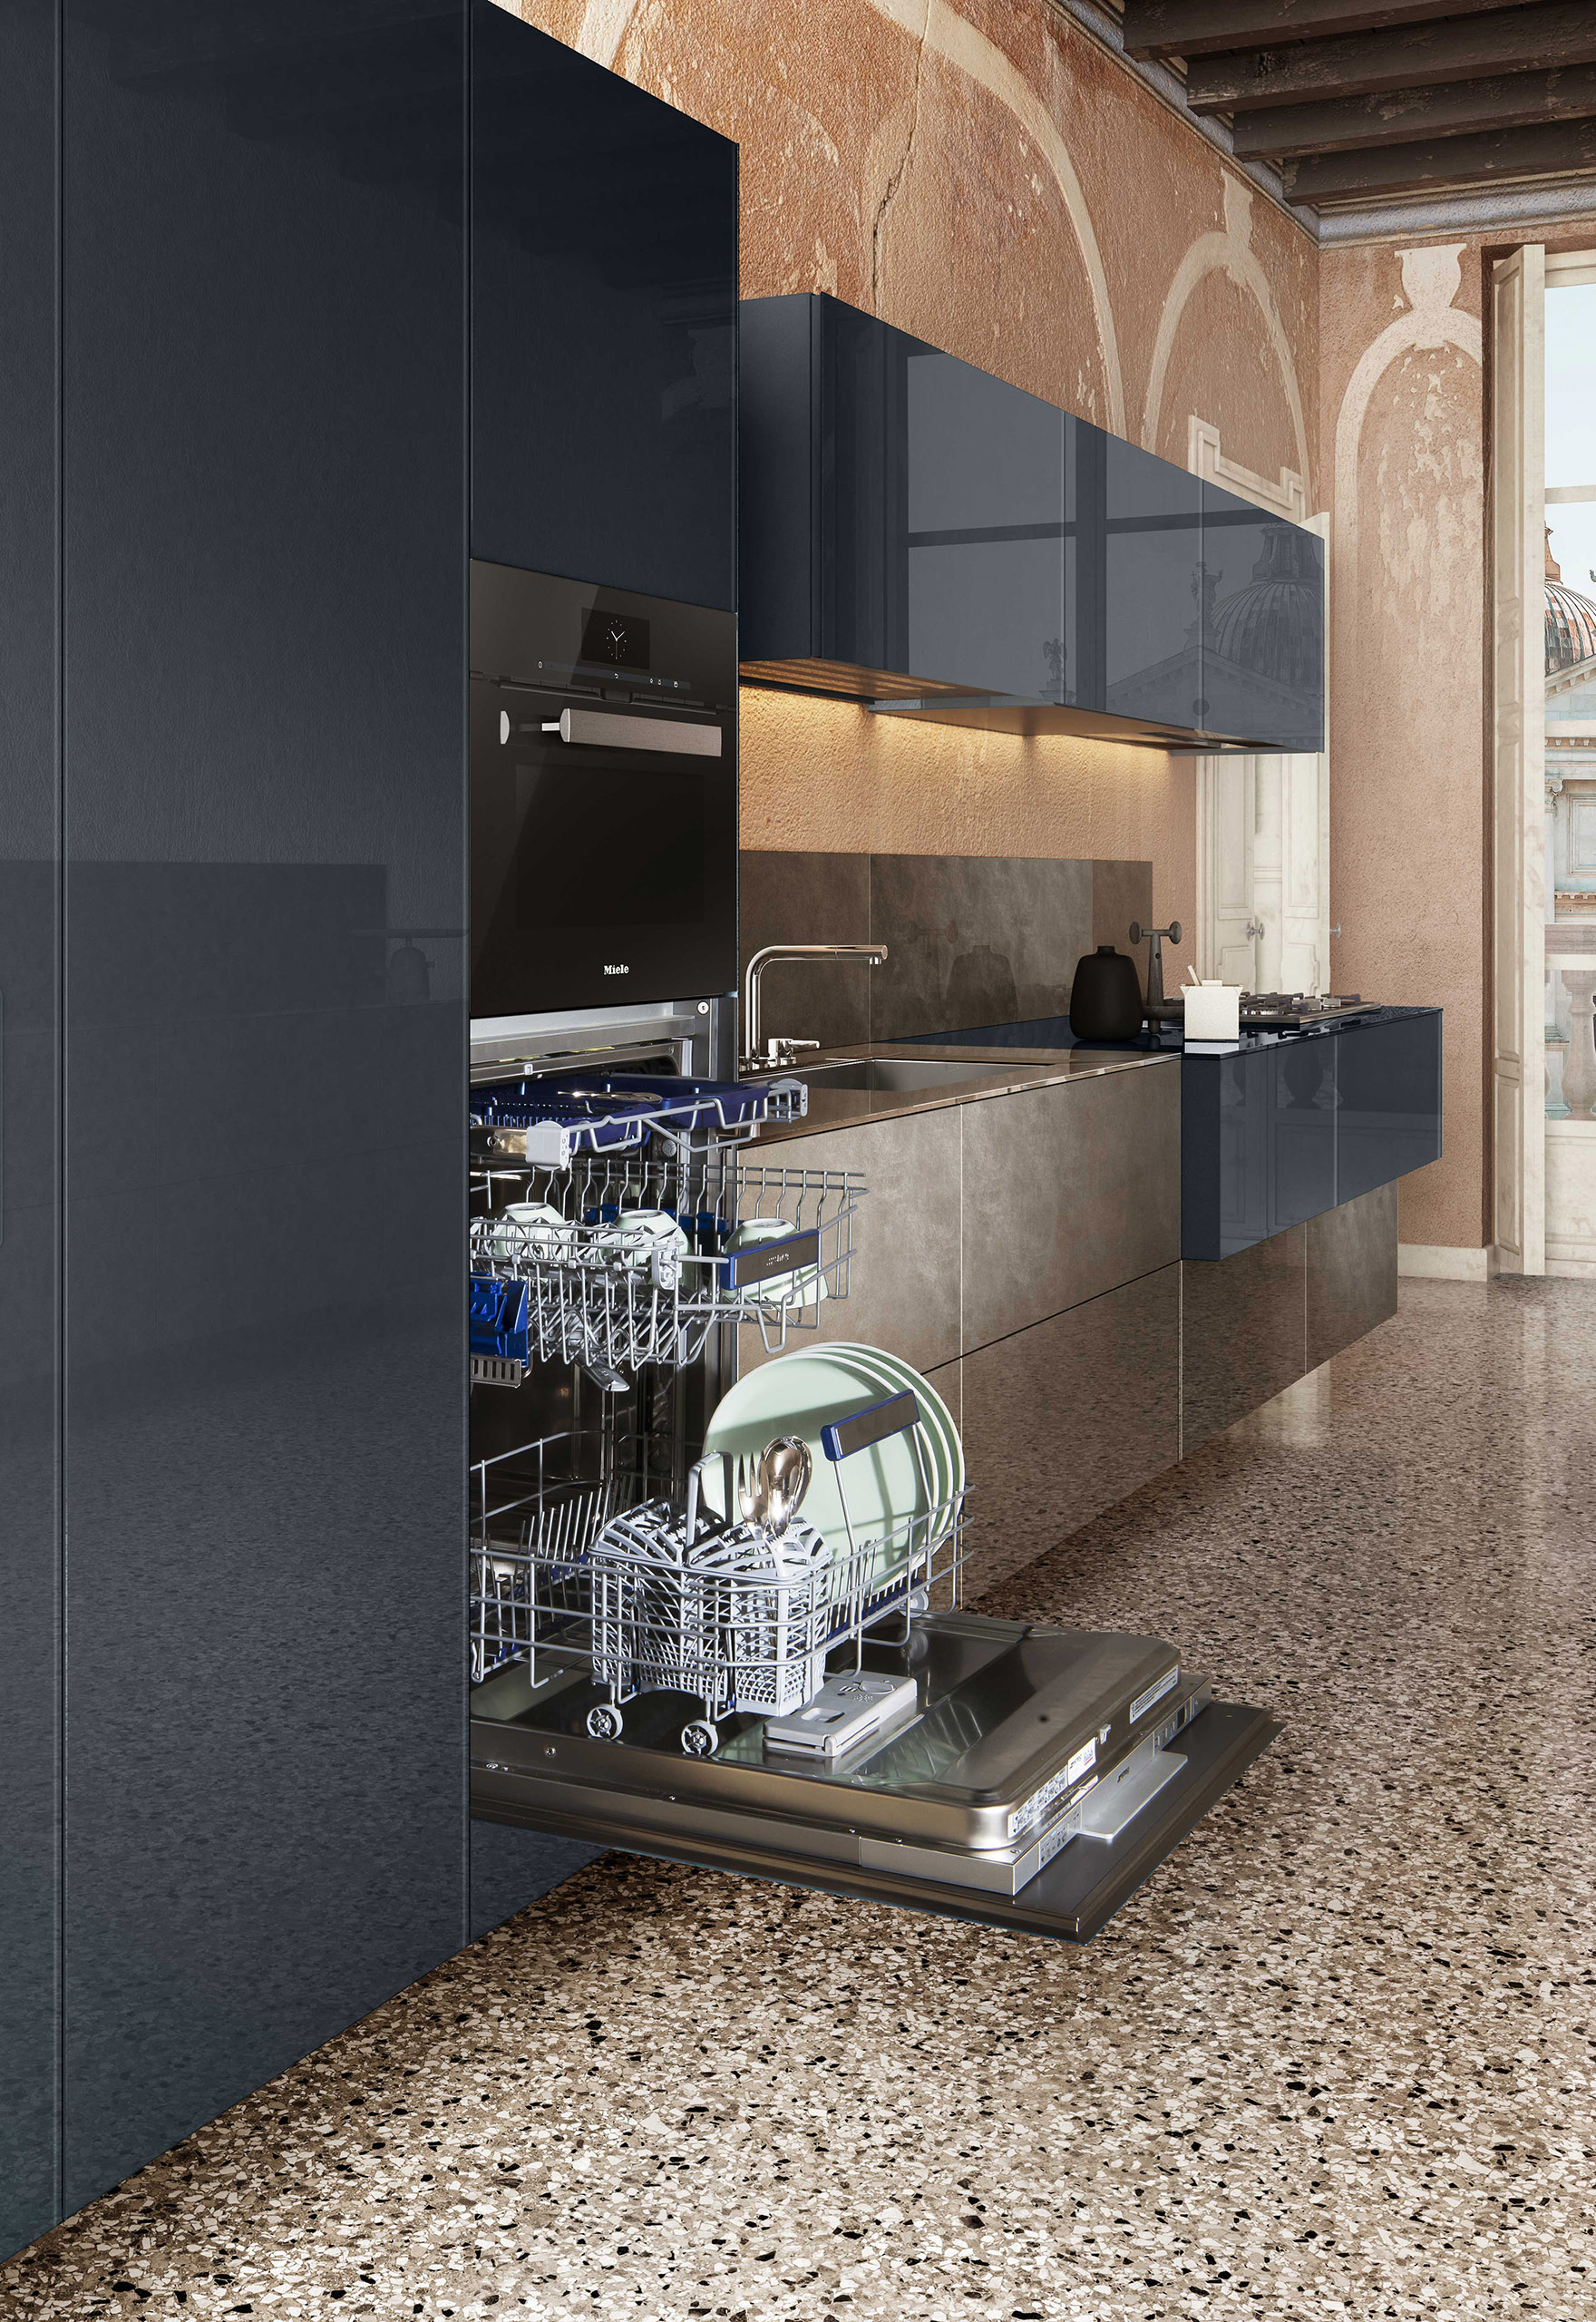 Dettaglio-lavastoviglie-Rev03